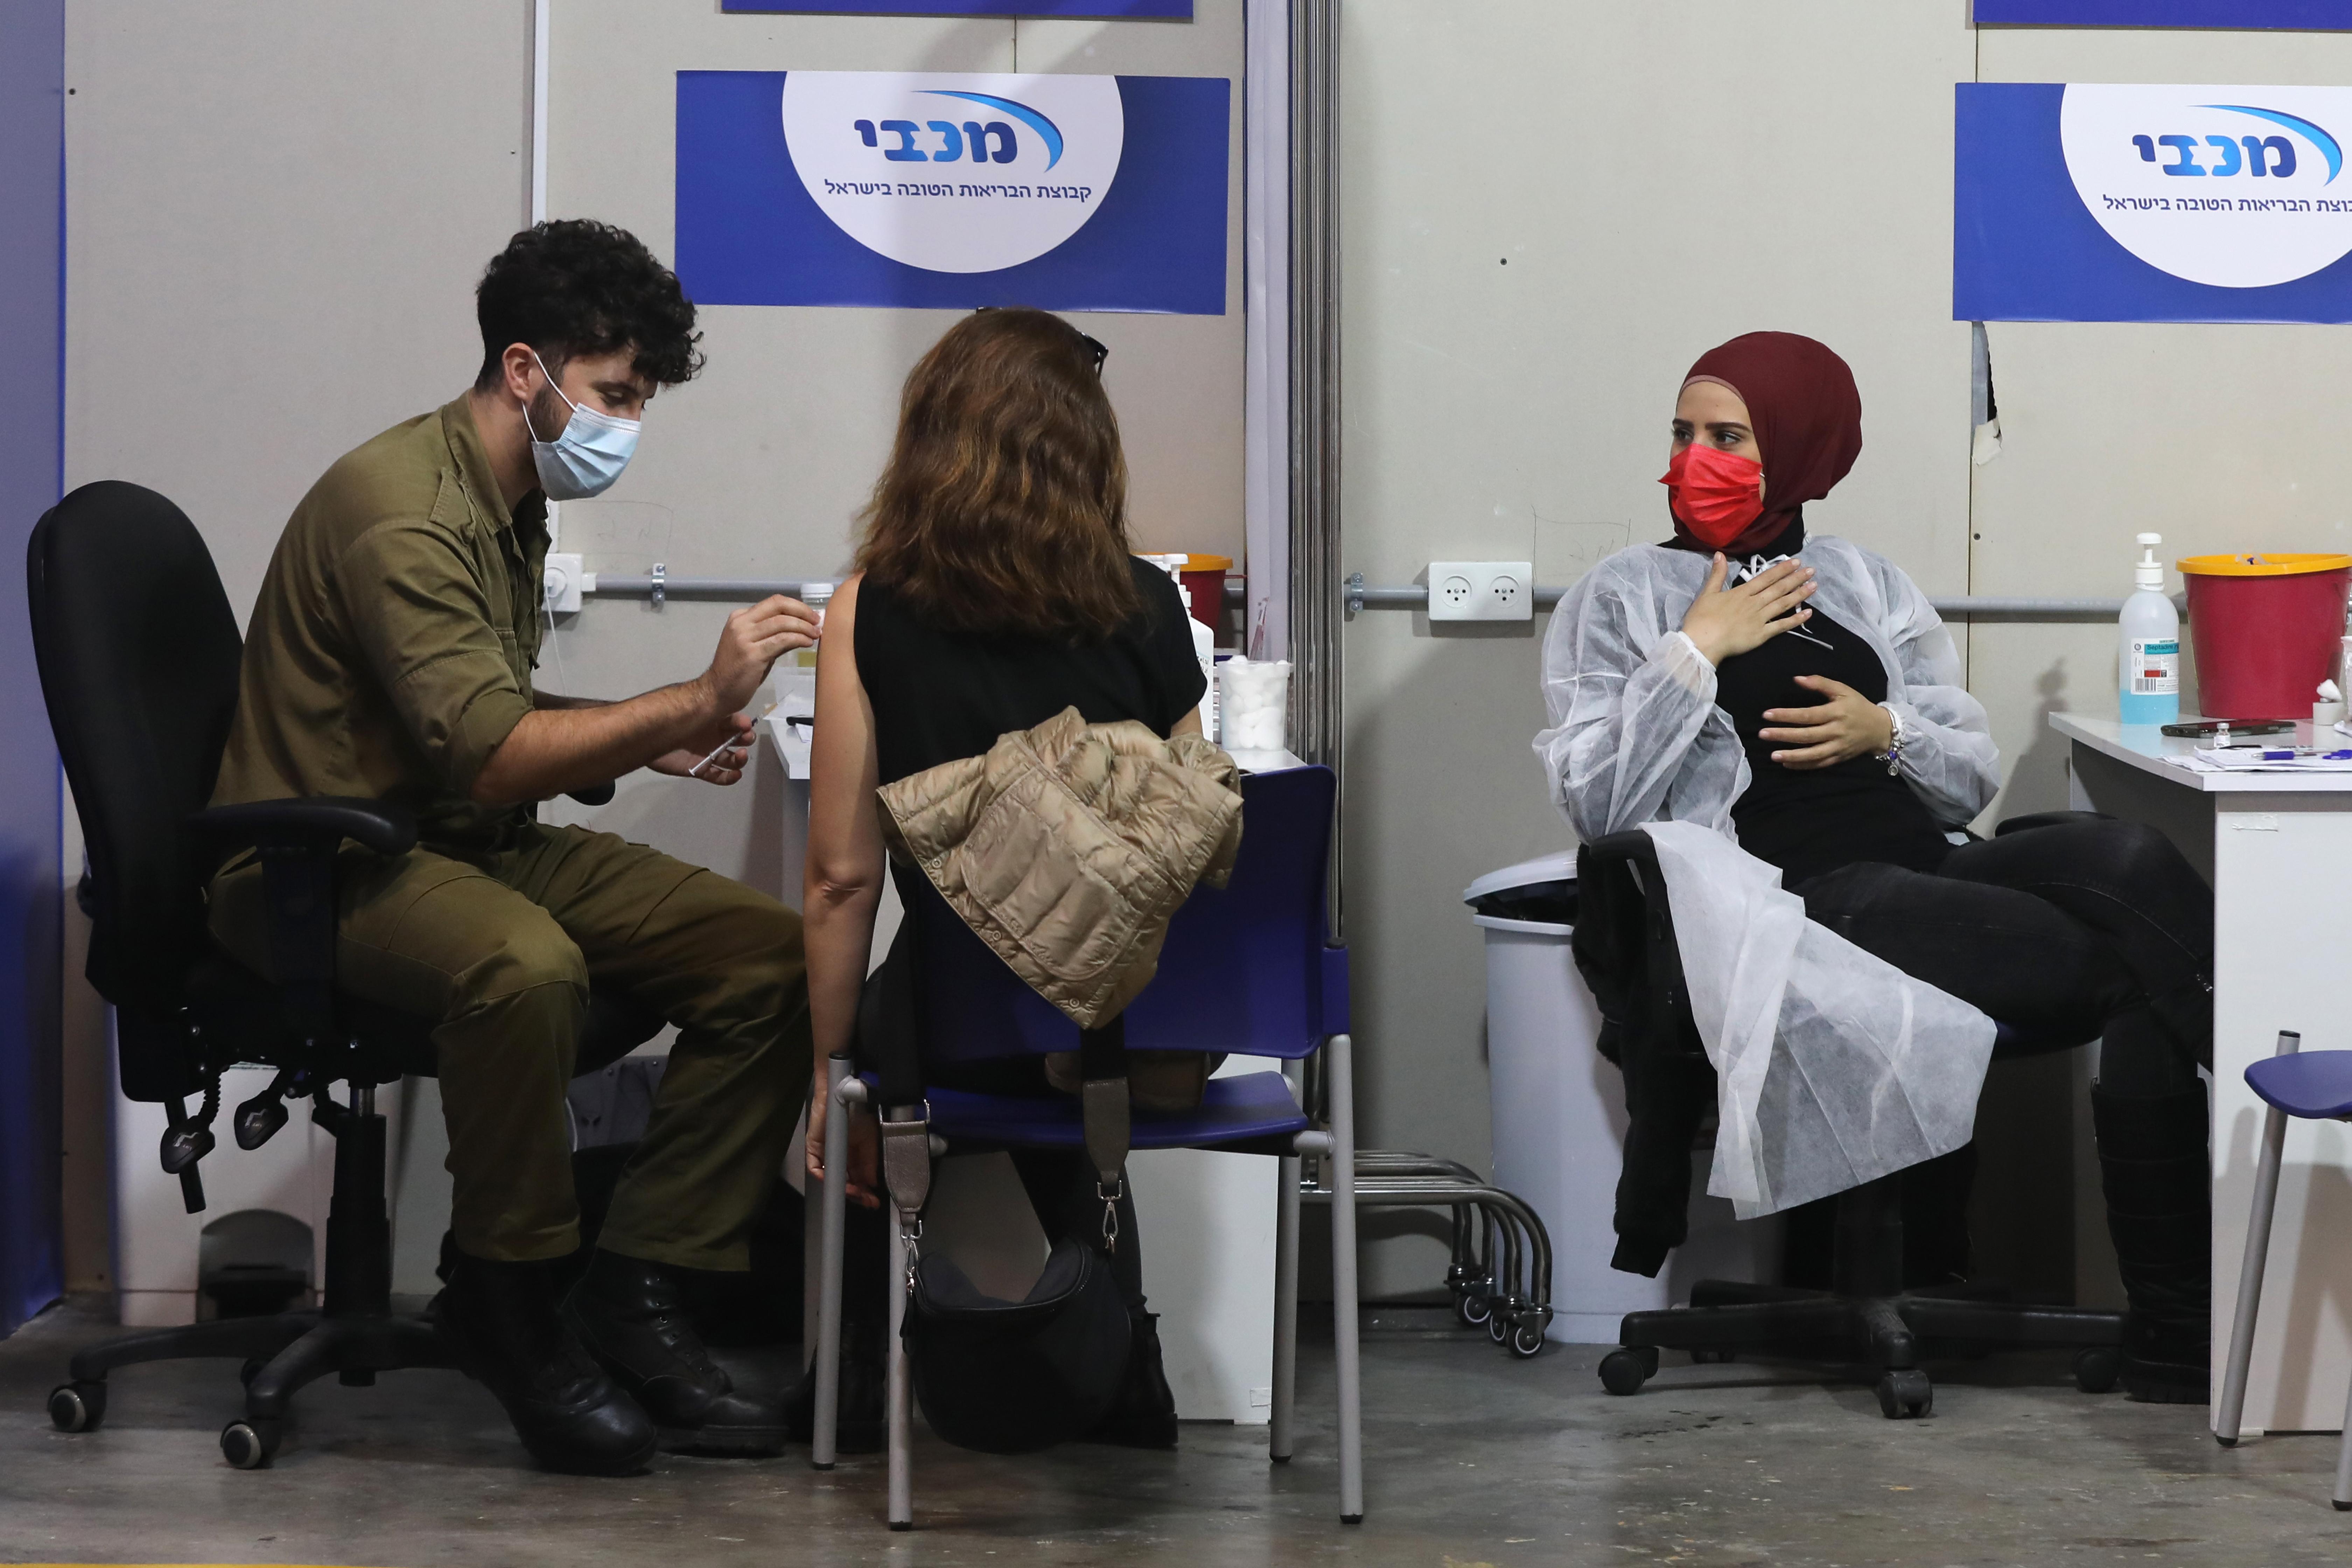 İsrail'de gençler de Covid-19'a karşı aşılanmaya başladı